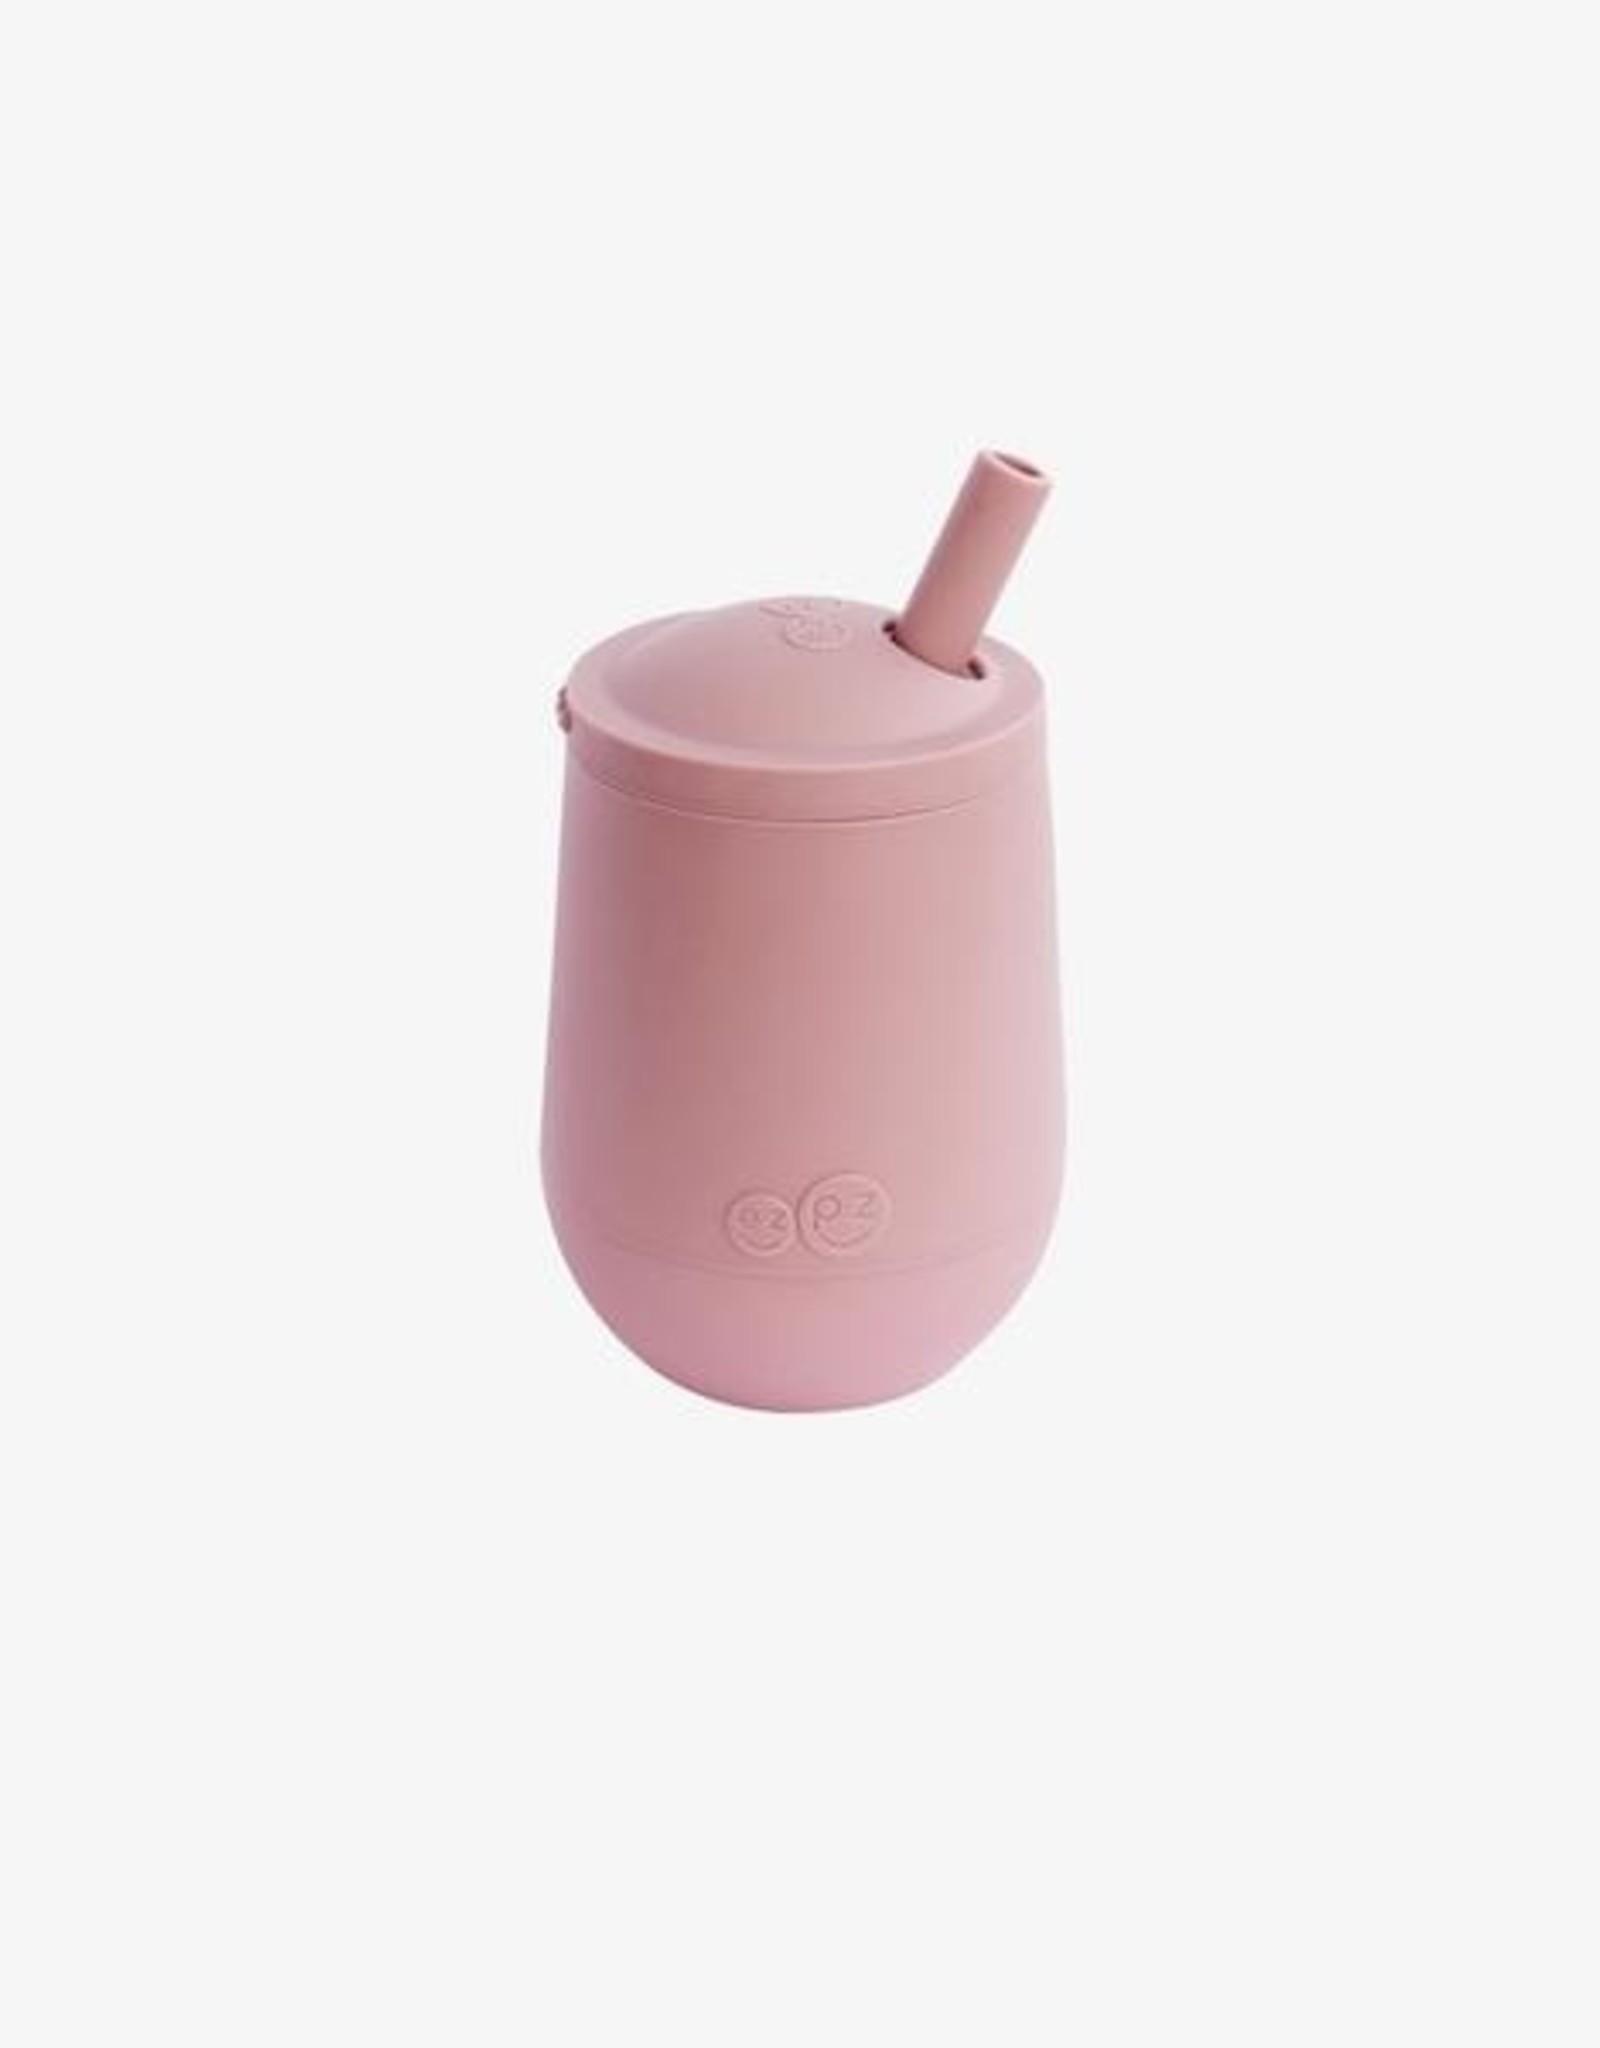 Ezpz Ezpz Mini Cup + Straw System